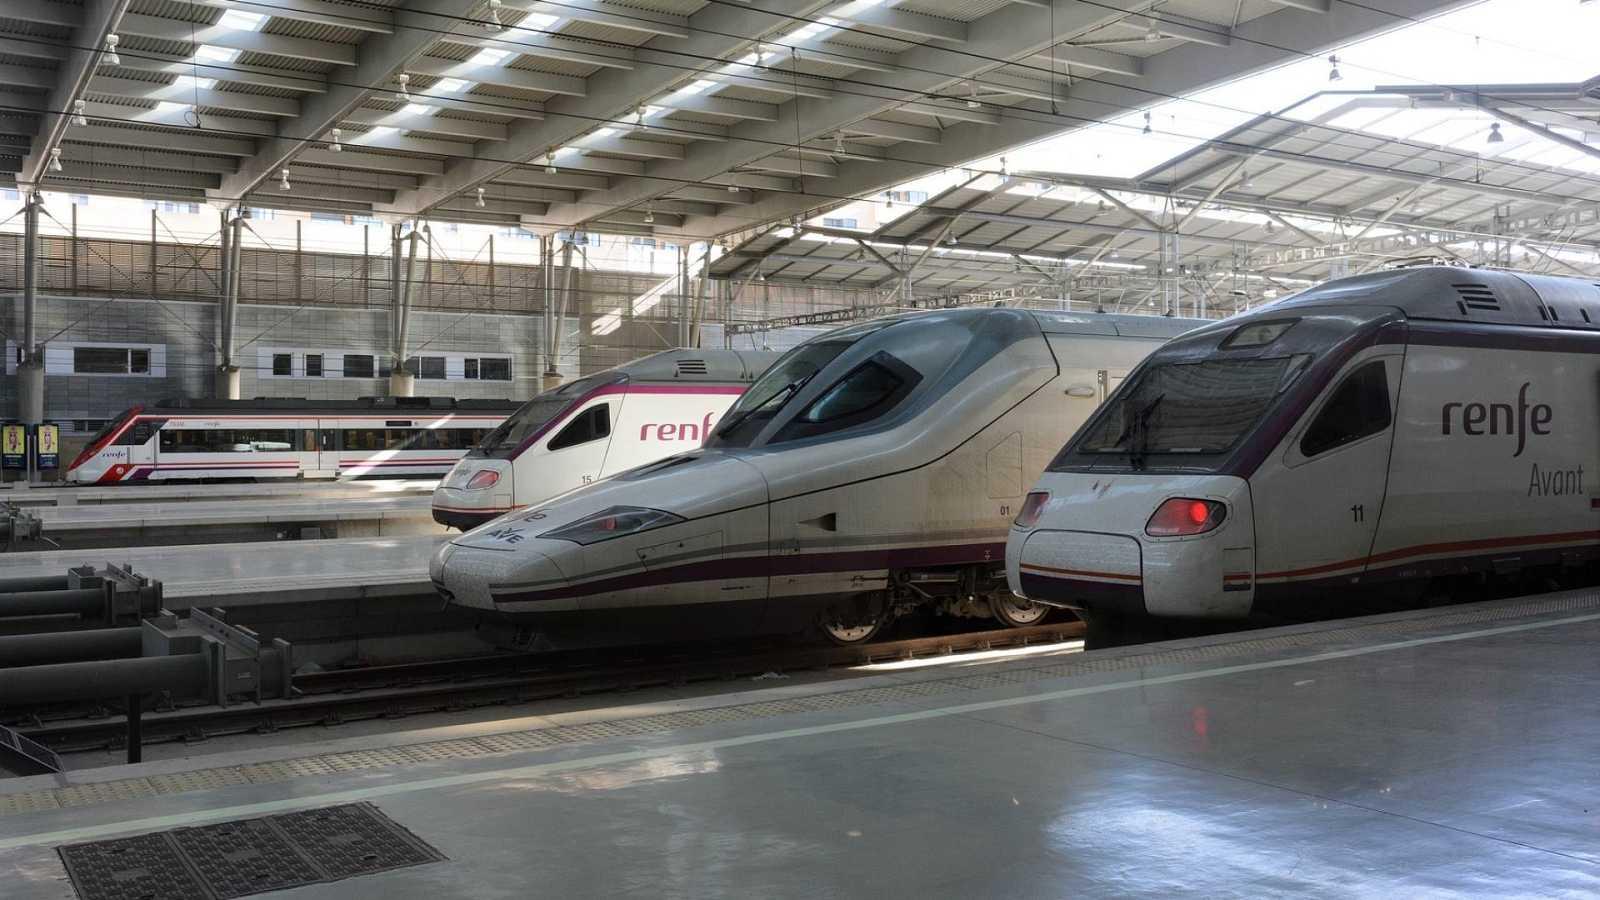 Futuro abierto - El ferrocarril en España - 08/11/20 - escuchar ahora